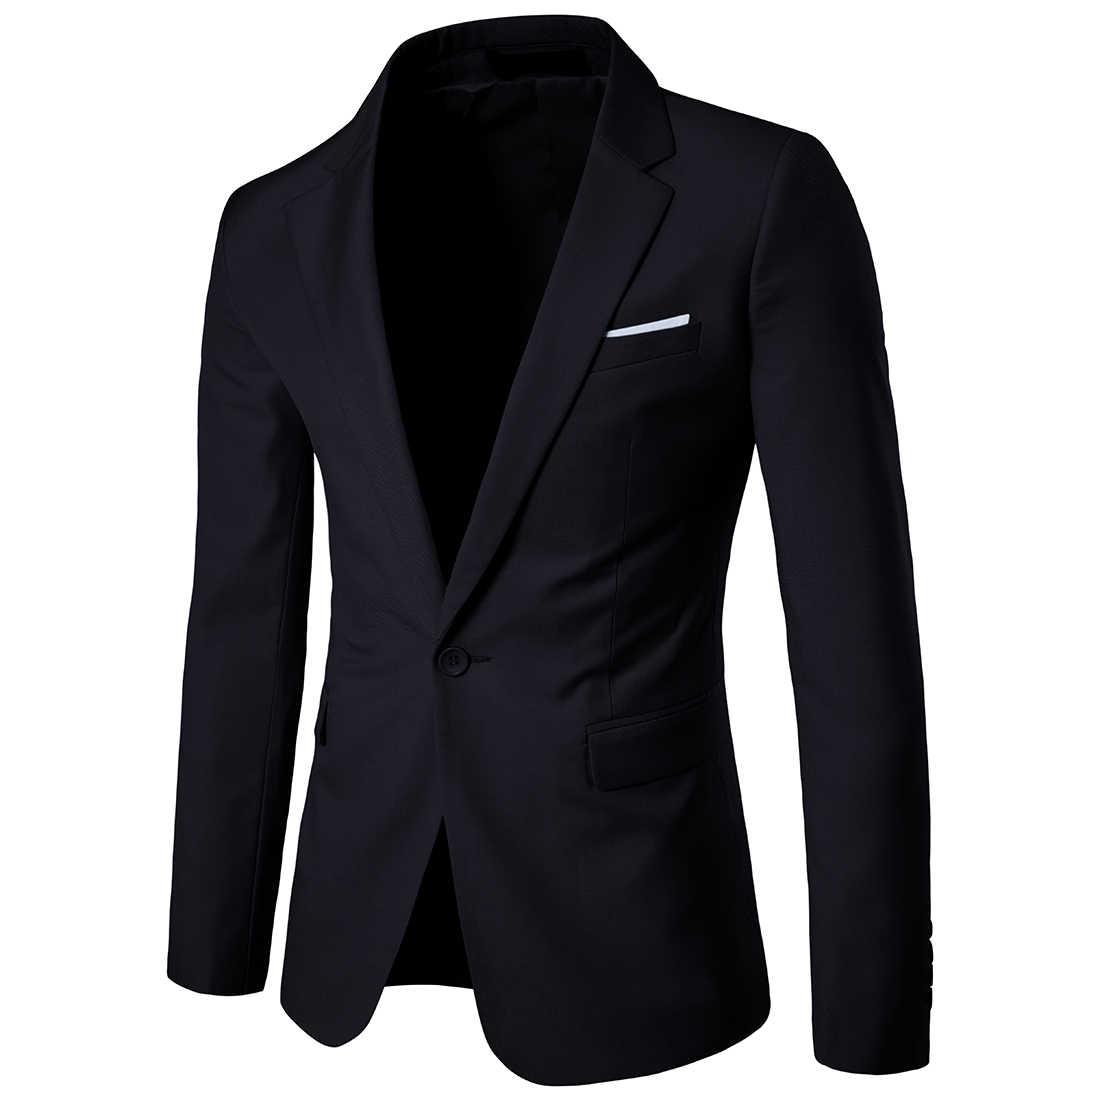 2019 hombres Corea Slim moda Blazers traje Chaqueta Hombre Casual talla grande vestido de boda negro mar azul vino rojo abrigo de traje de los hombres